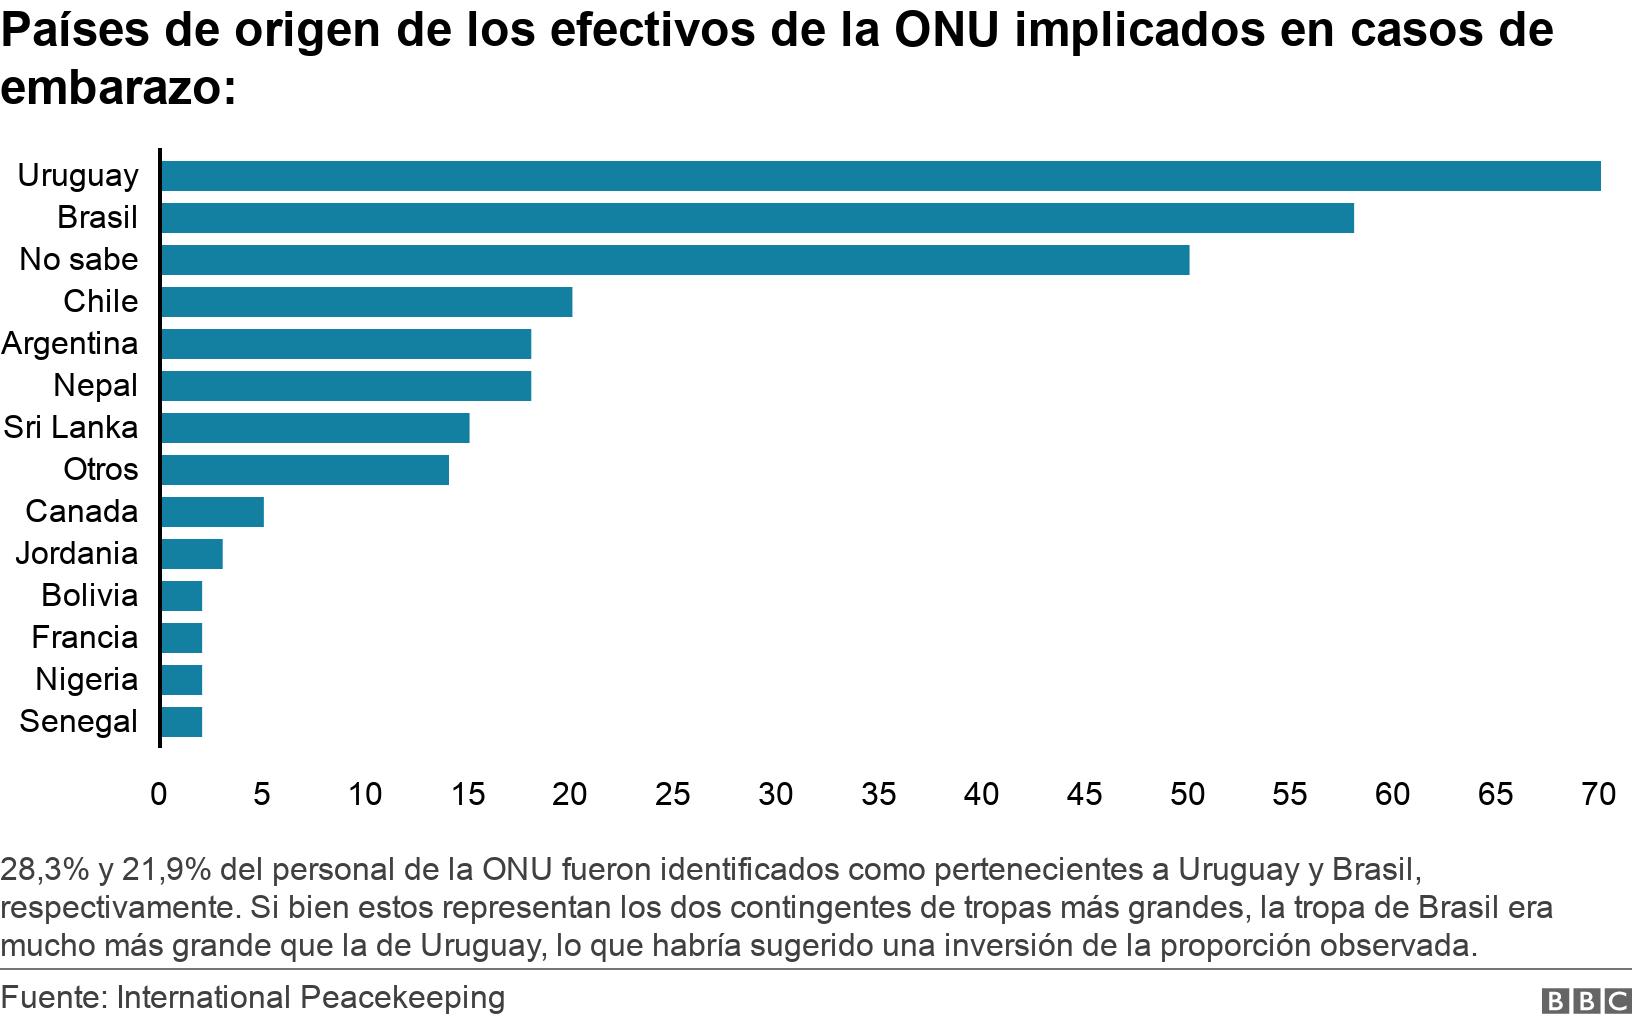 Países de origen de los efectivos de la ONU implicados en casos de embarazo:. .  28,3% y 21,9% del personal de la ONU fueron identificados como pertenecientes a Uruguay y Brasil, respectivamente. Si bien estos representan los dos contingentes de tropas más grandes, la tropa de Brasil era mucho más grande que la de Uruguay, lo que habría sugerido una inversión de la proporción observada. .